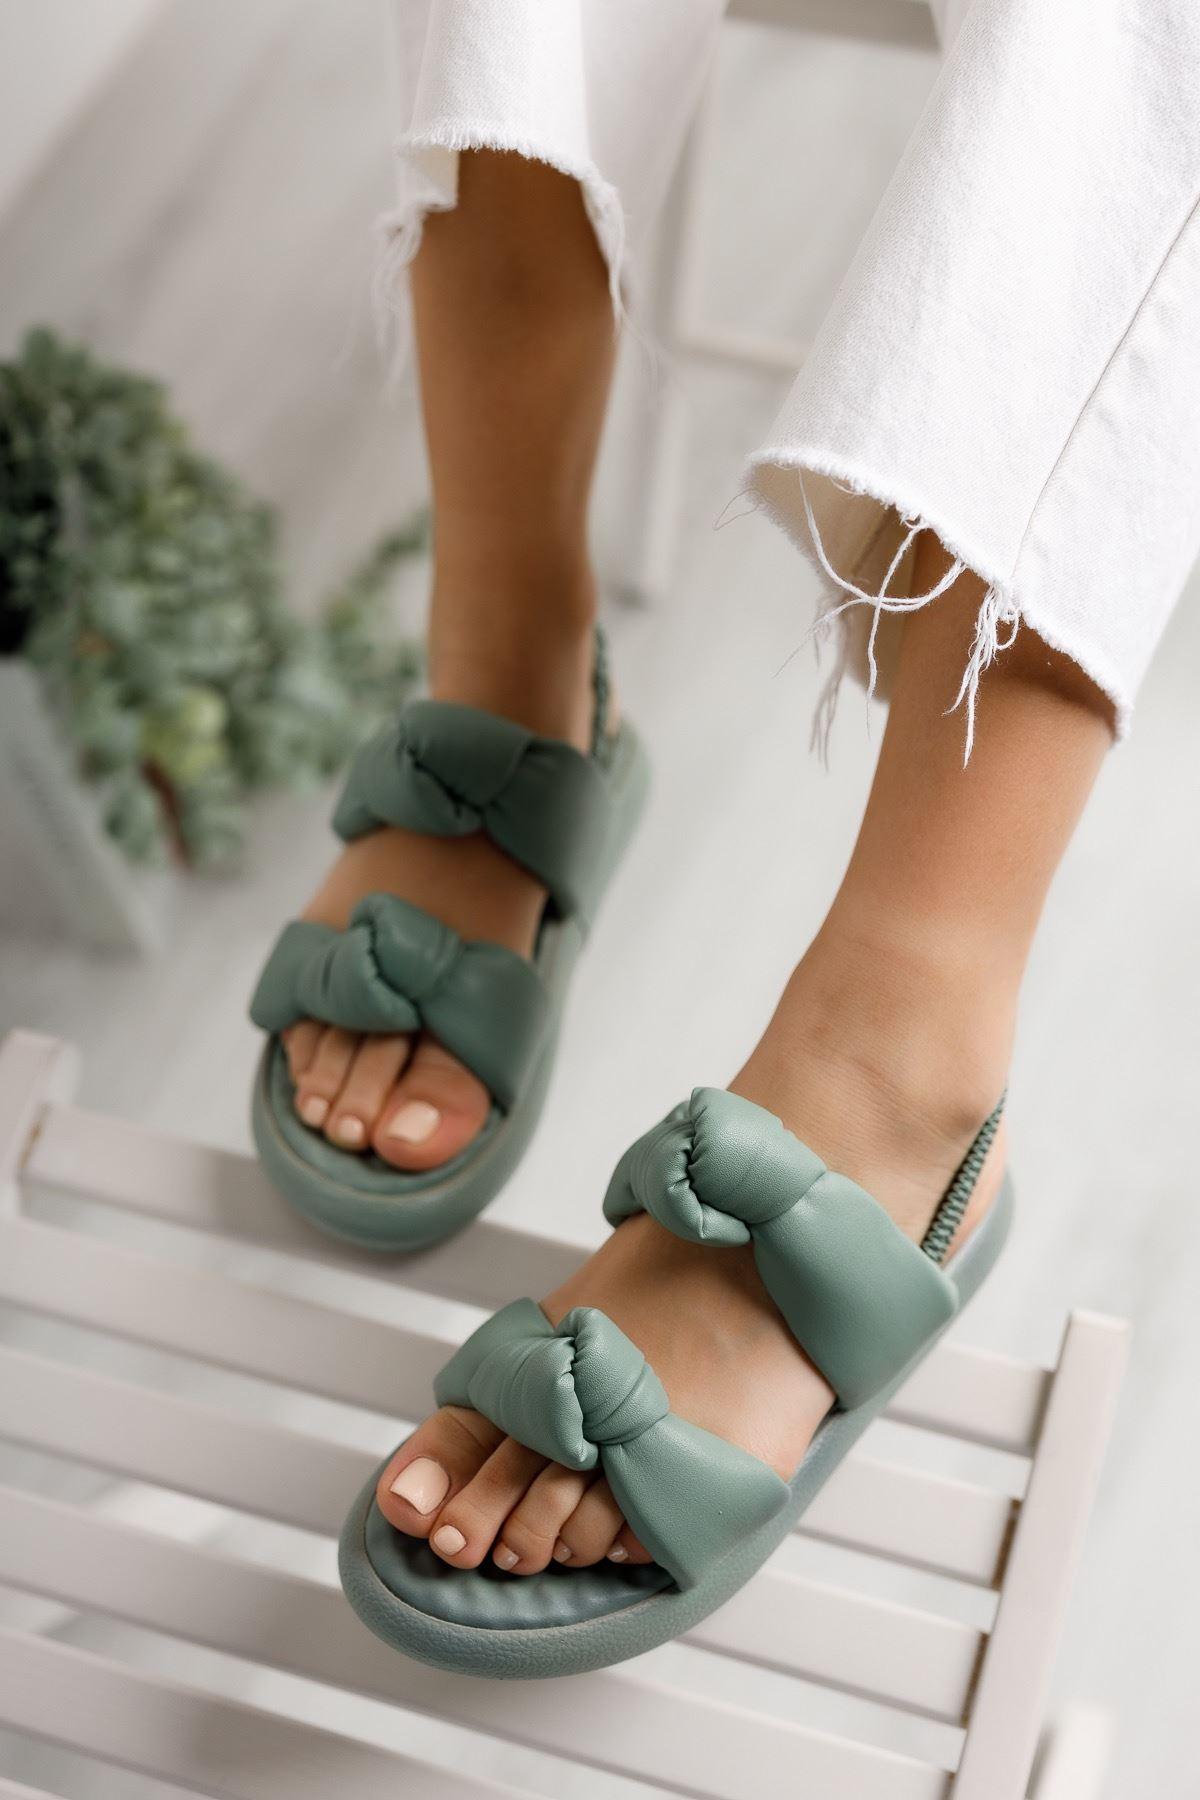 Kadın Rosso Mat Deri Bağlama Detaylı Yeşil Sandalet